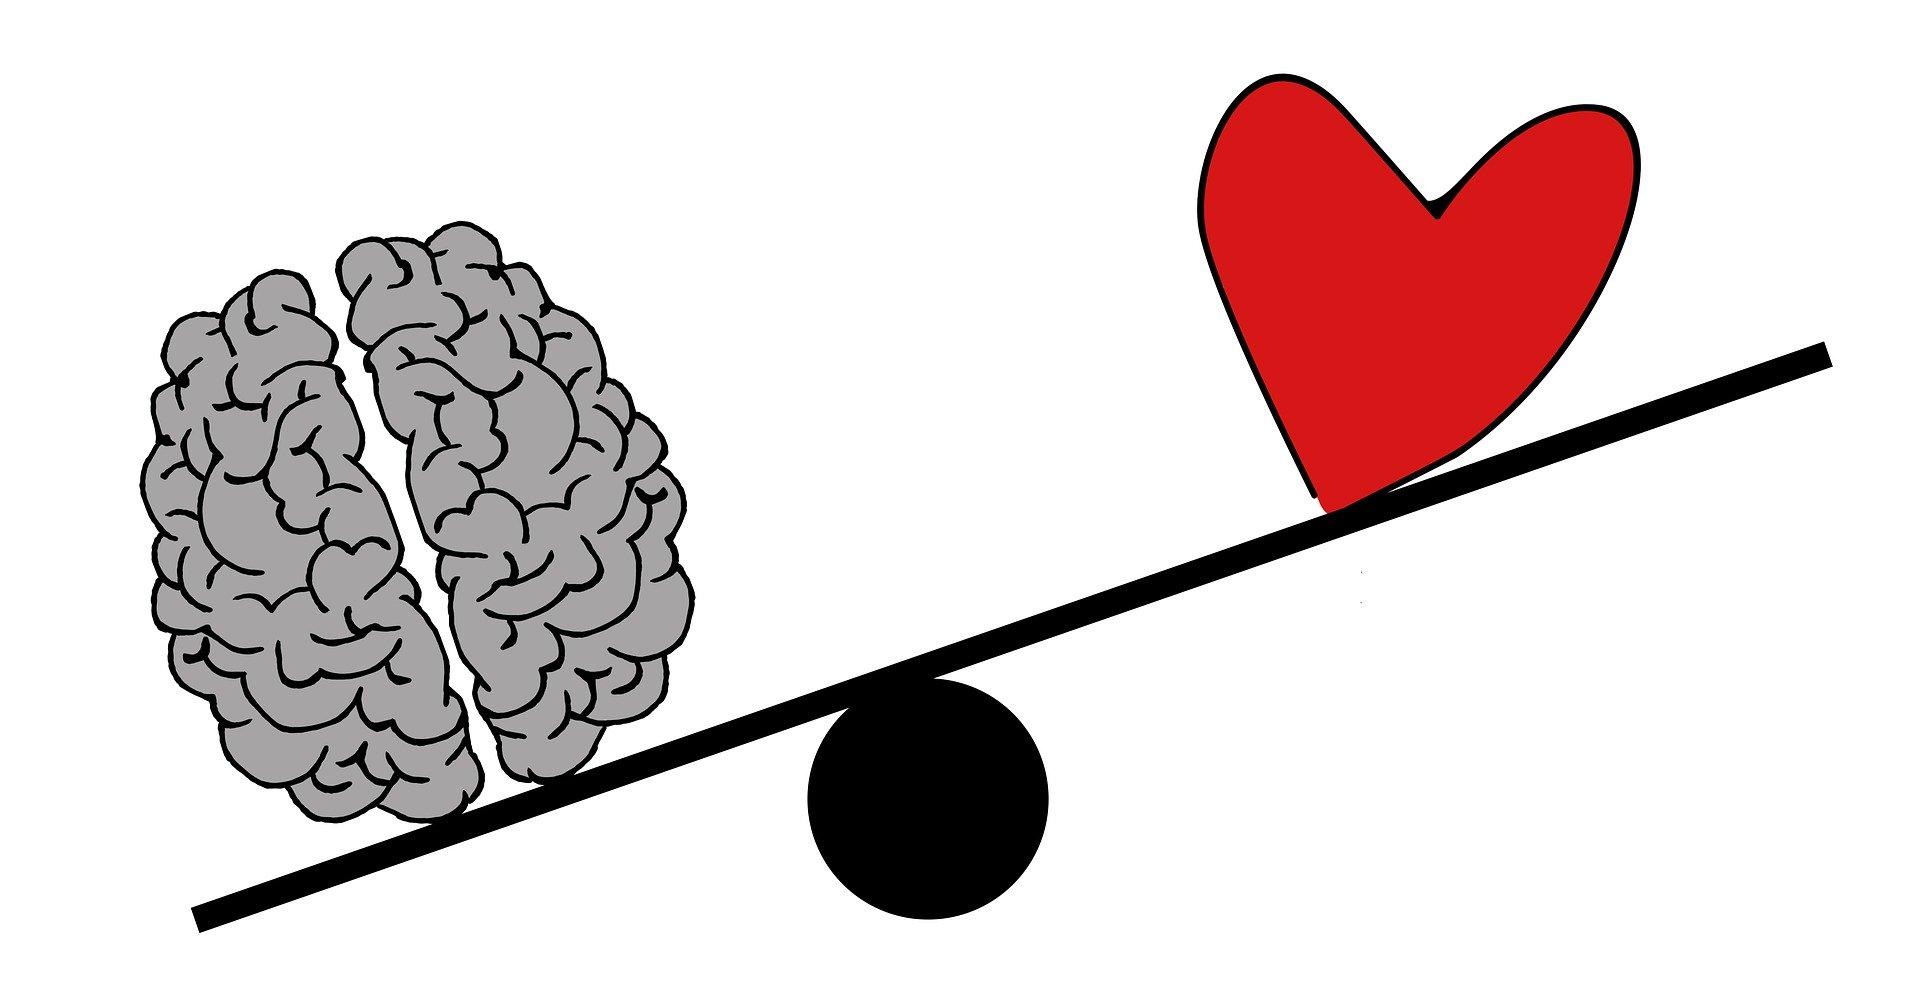 هل أنت عاطفي أم عقلاني؟ اختبارات الشخصية